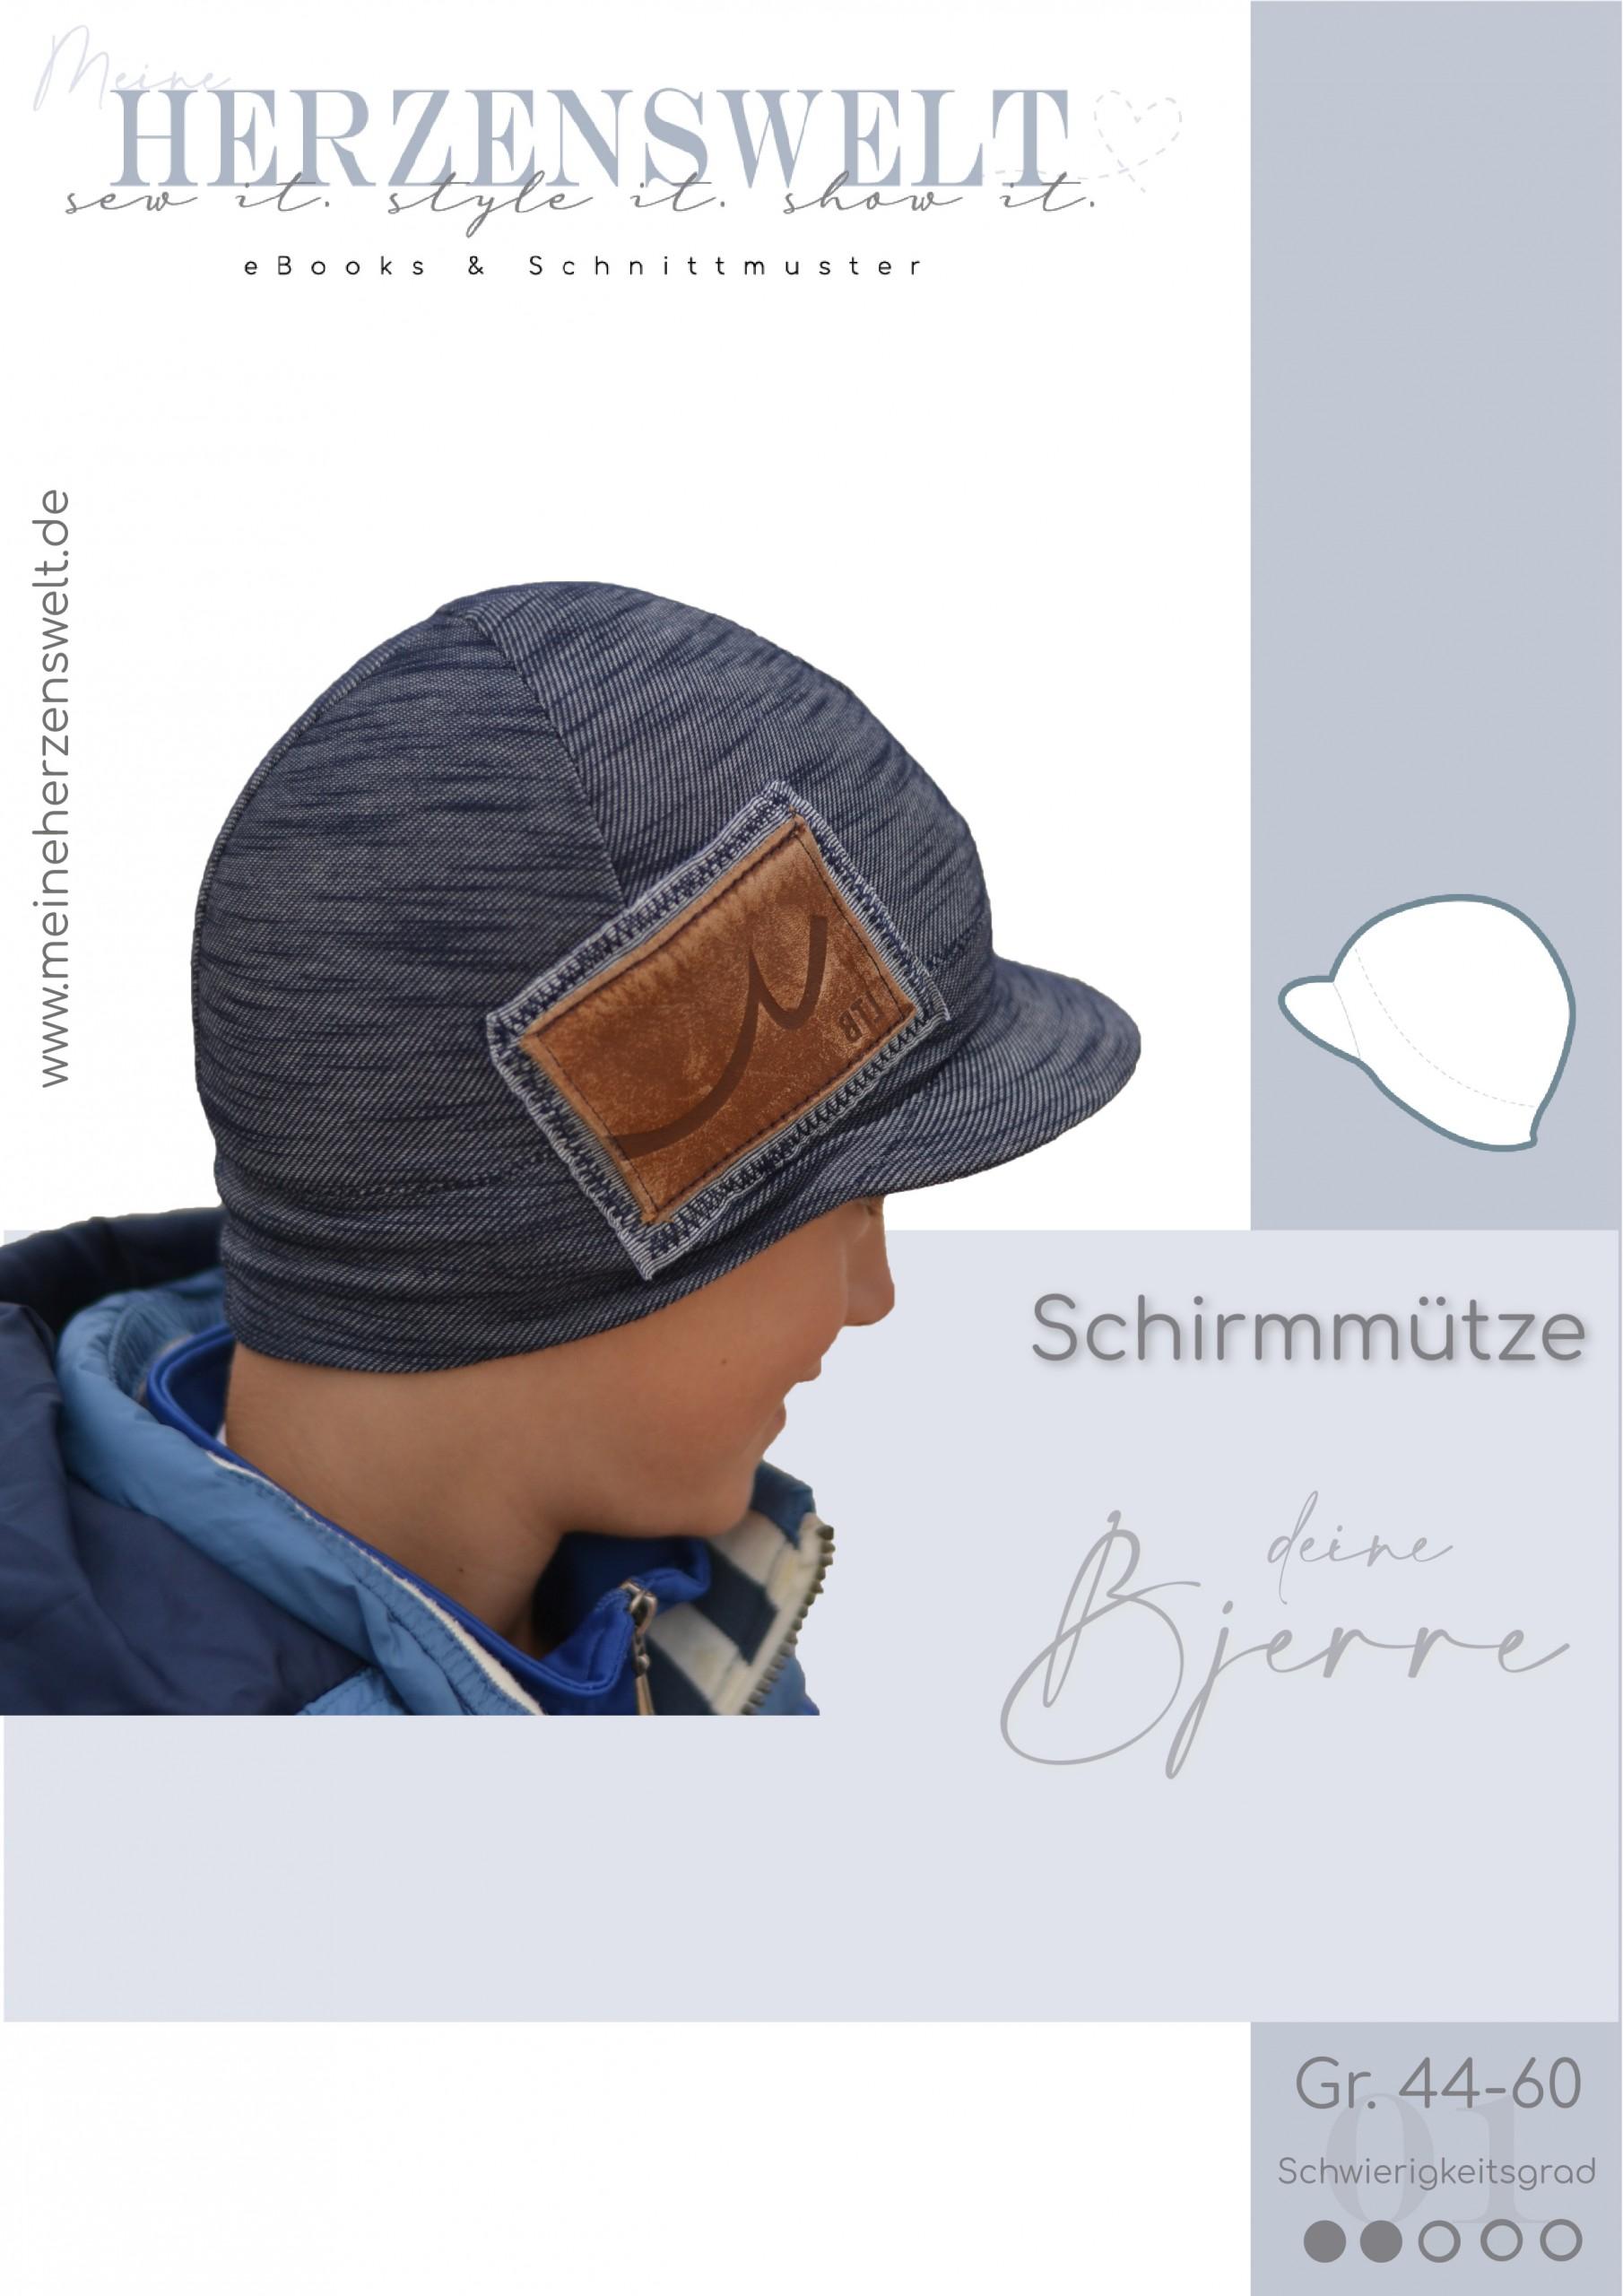 Schirmmütze Mütze - Kinder - Bjerre - Nähnleitung